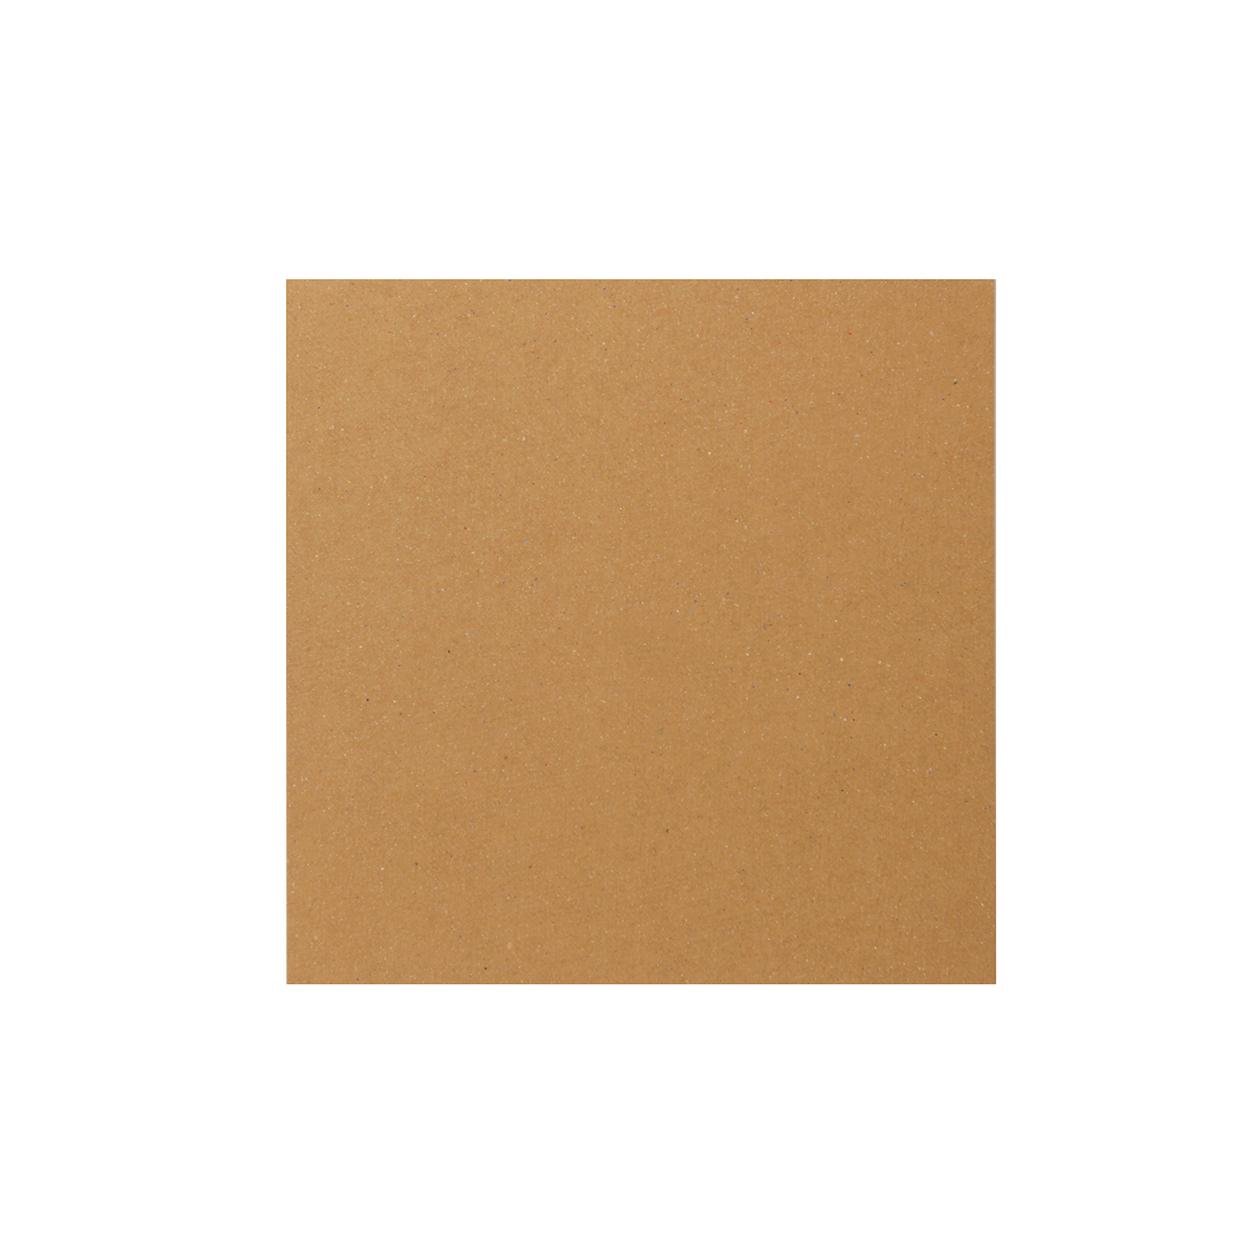 #27カード ボード紙 ブラウン 450g